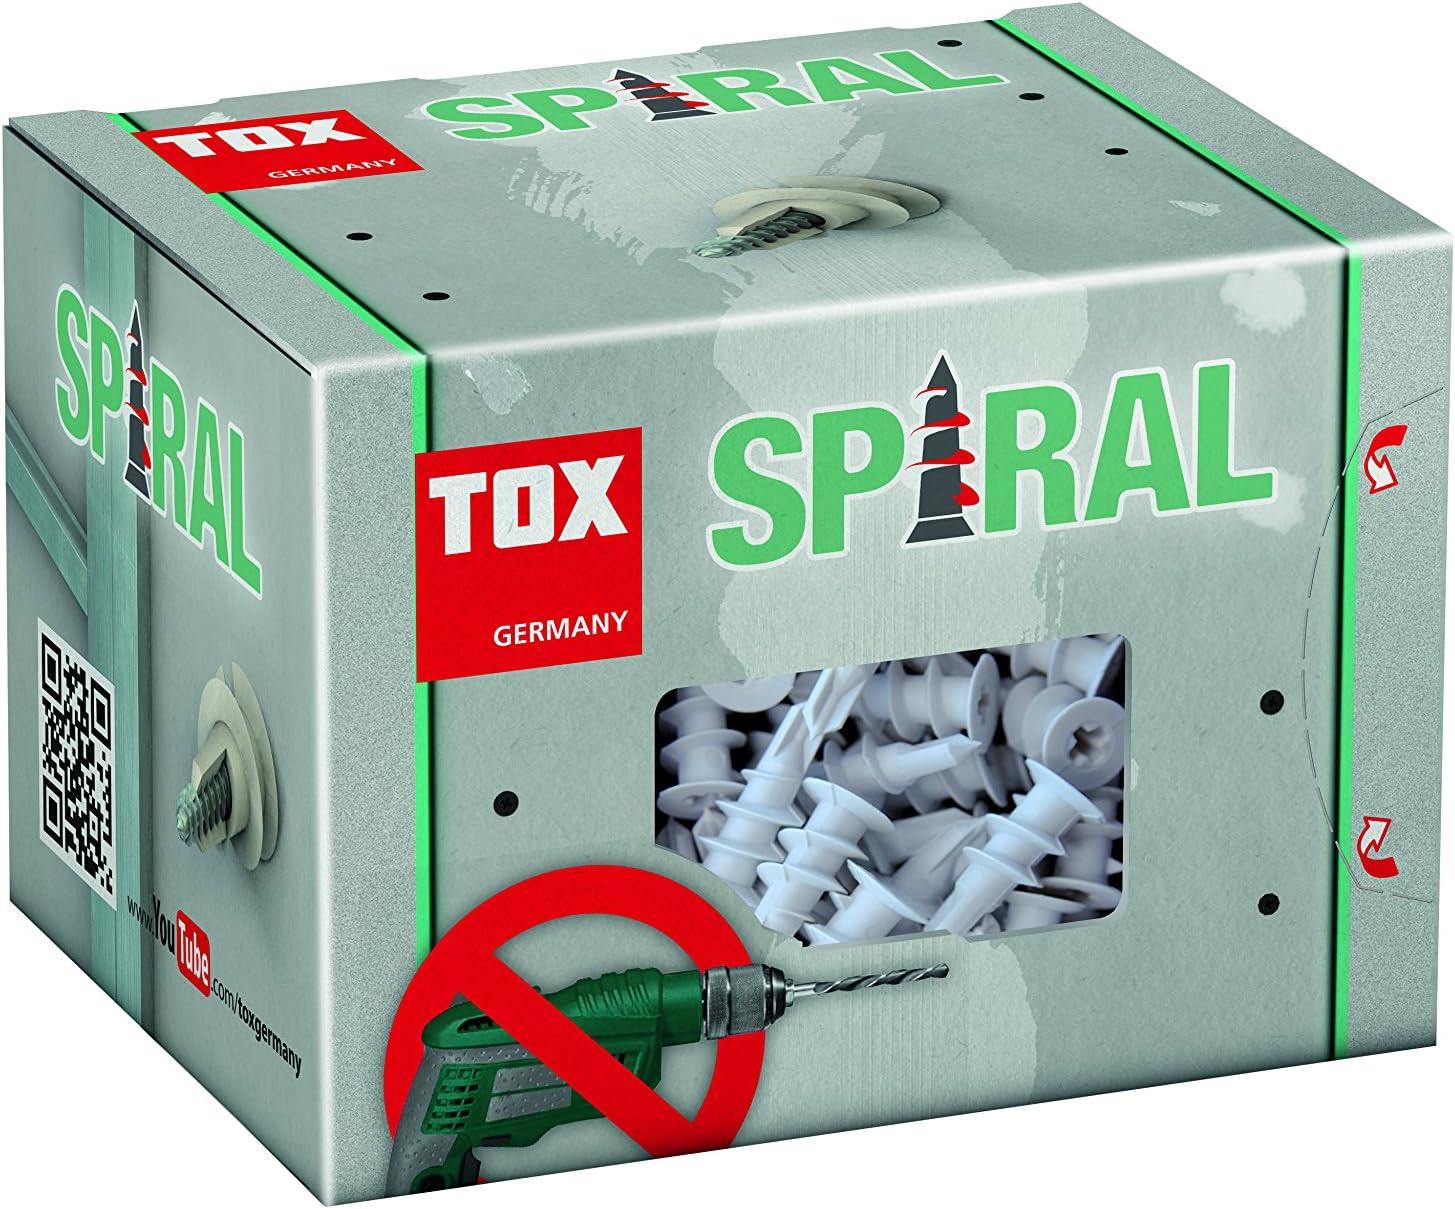 TOX Taco para cart/ón yeso Spiral Plus 37-2 tornillo 068101021 50 piezas